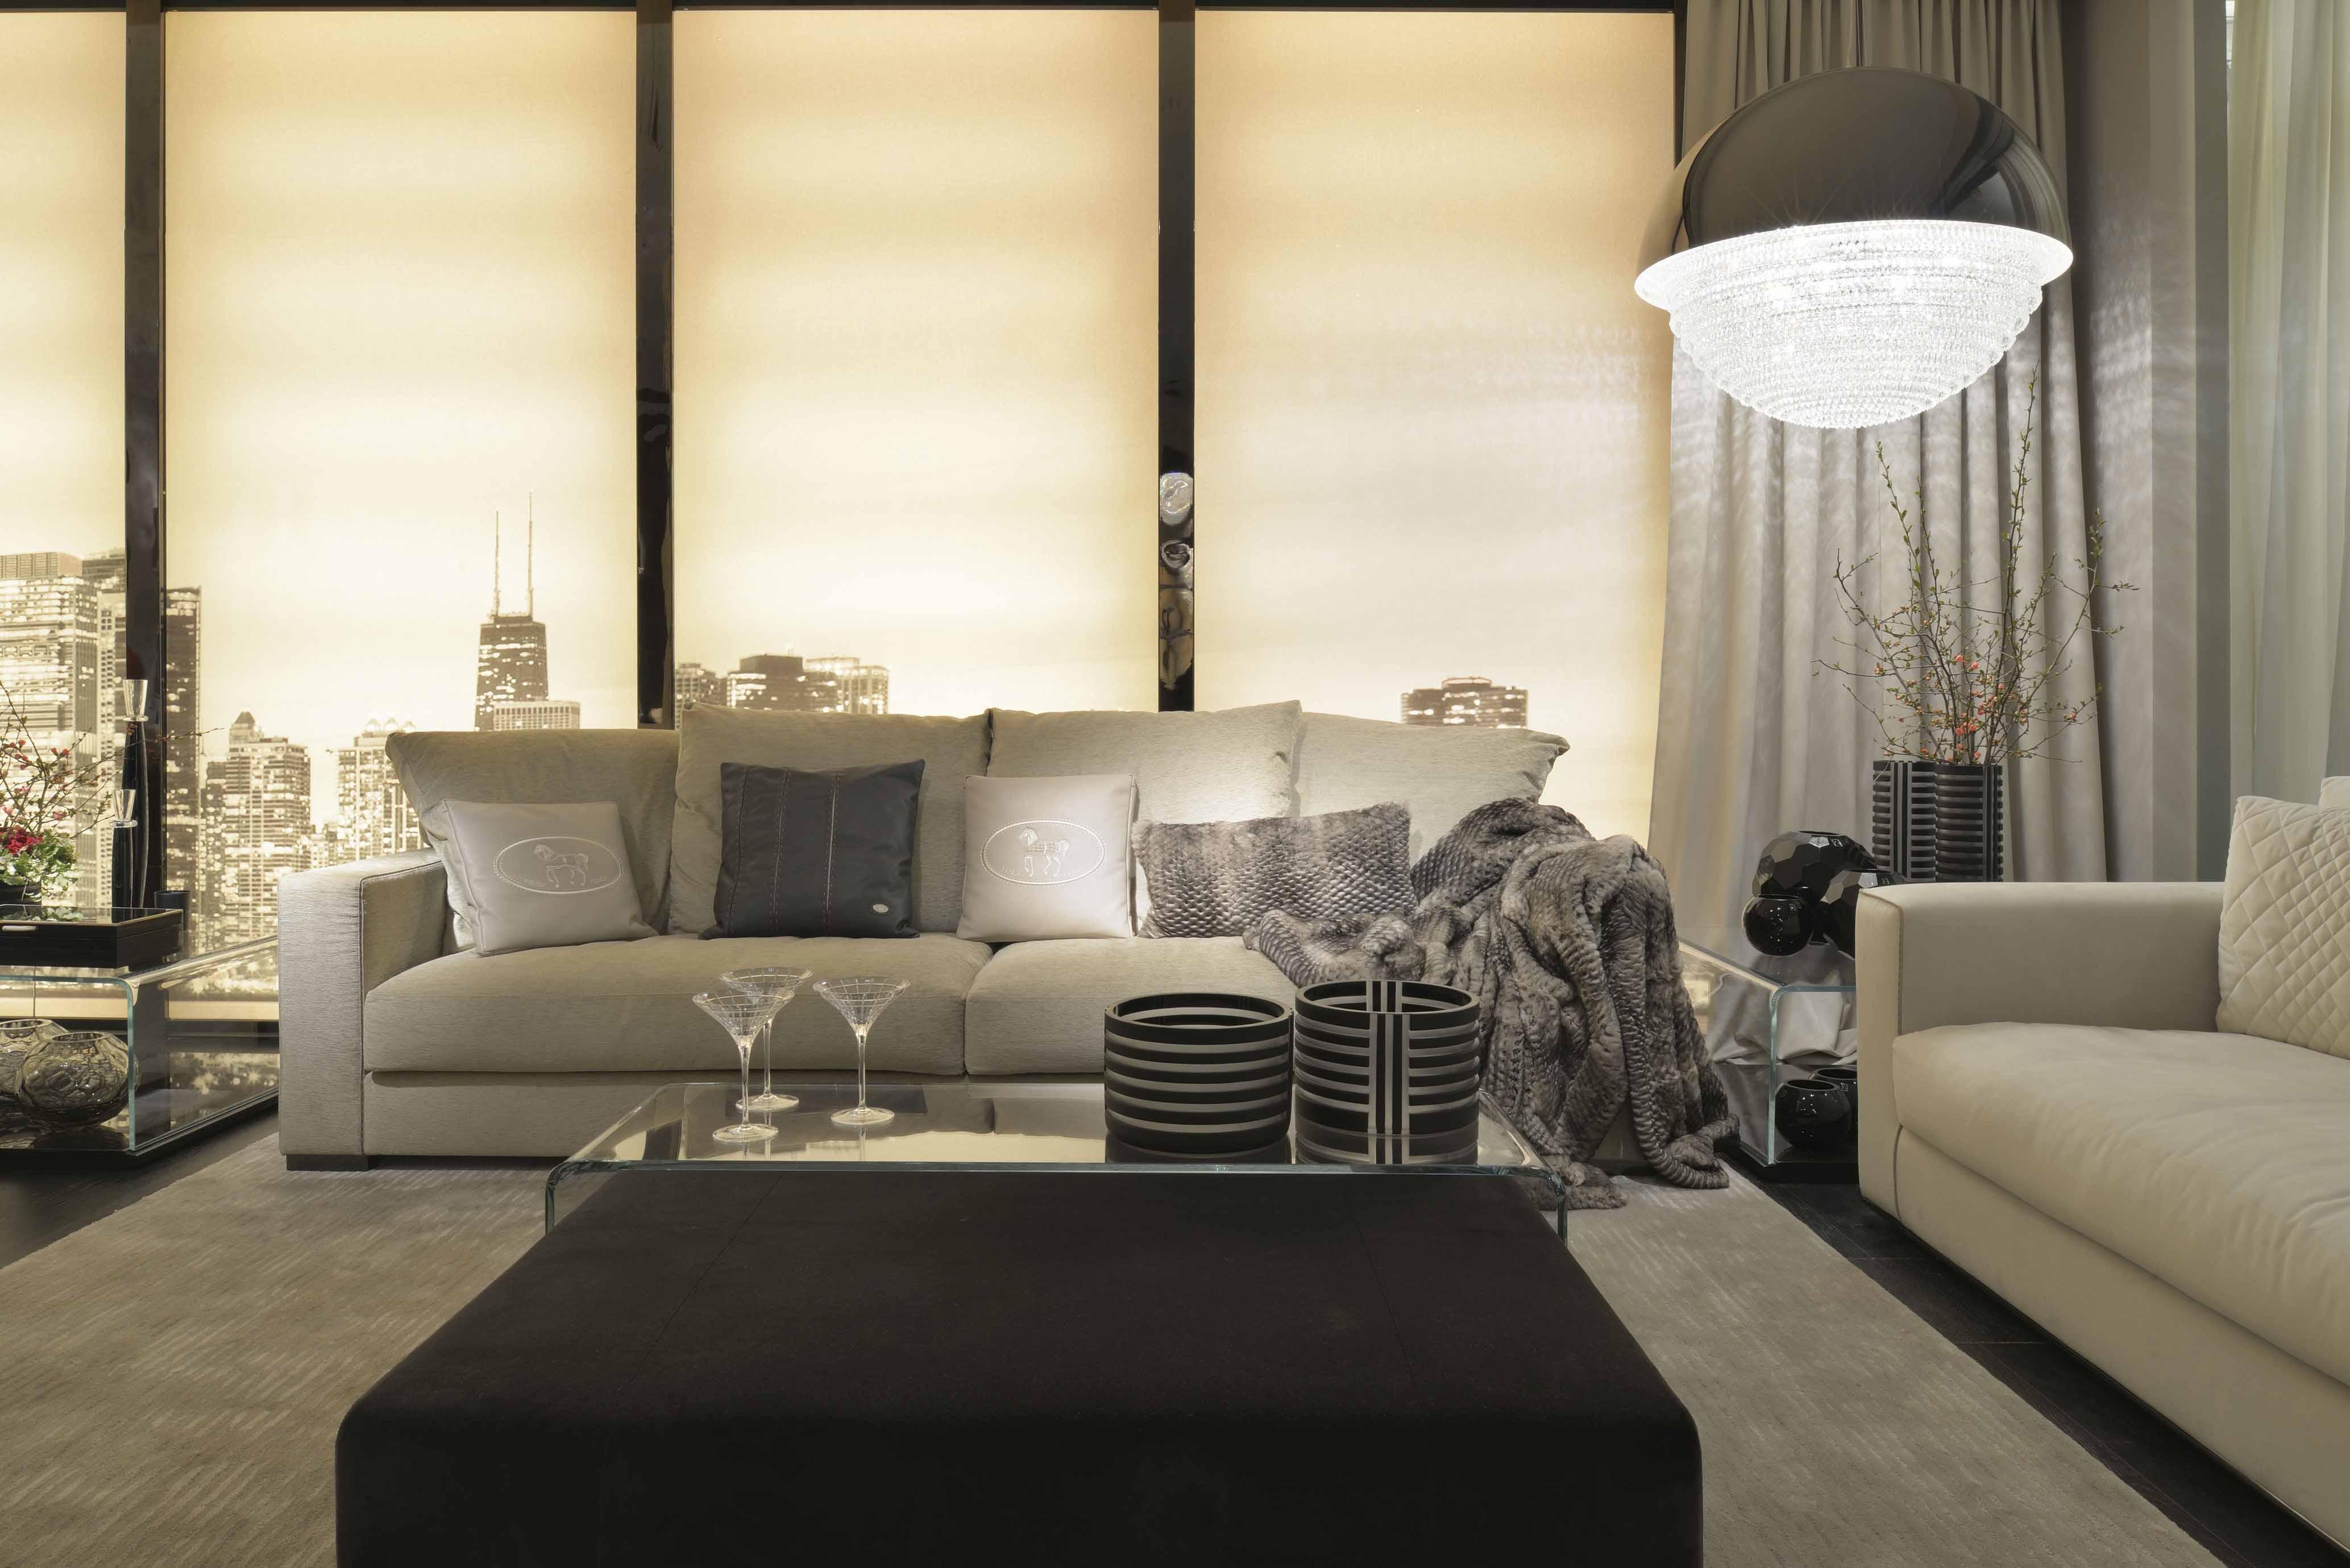 L mparas fendi gunni trentino for Fenda muebles